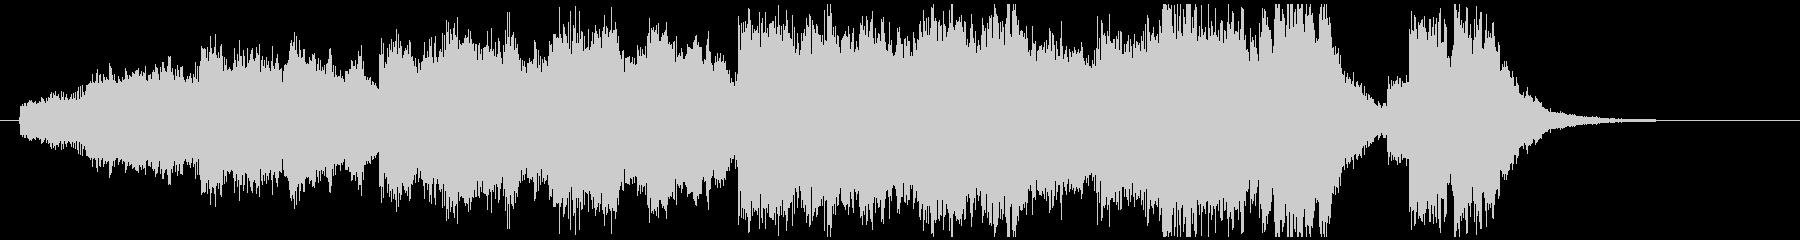 現代的 交響曲 広い 壮大 ほのぼ...の未再生の波形